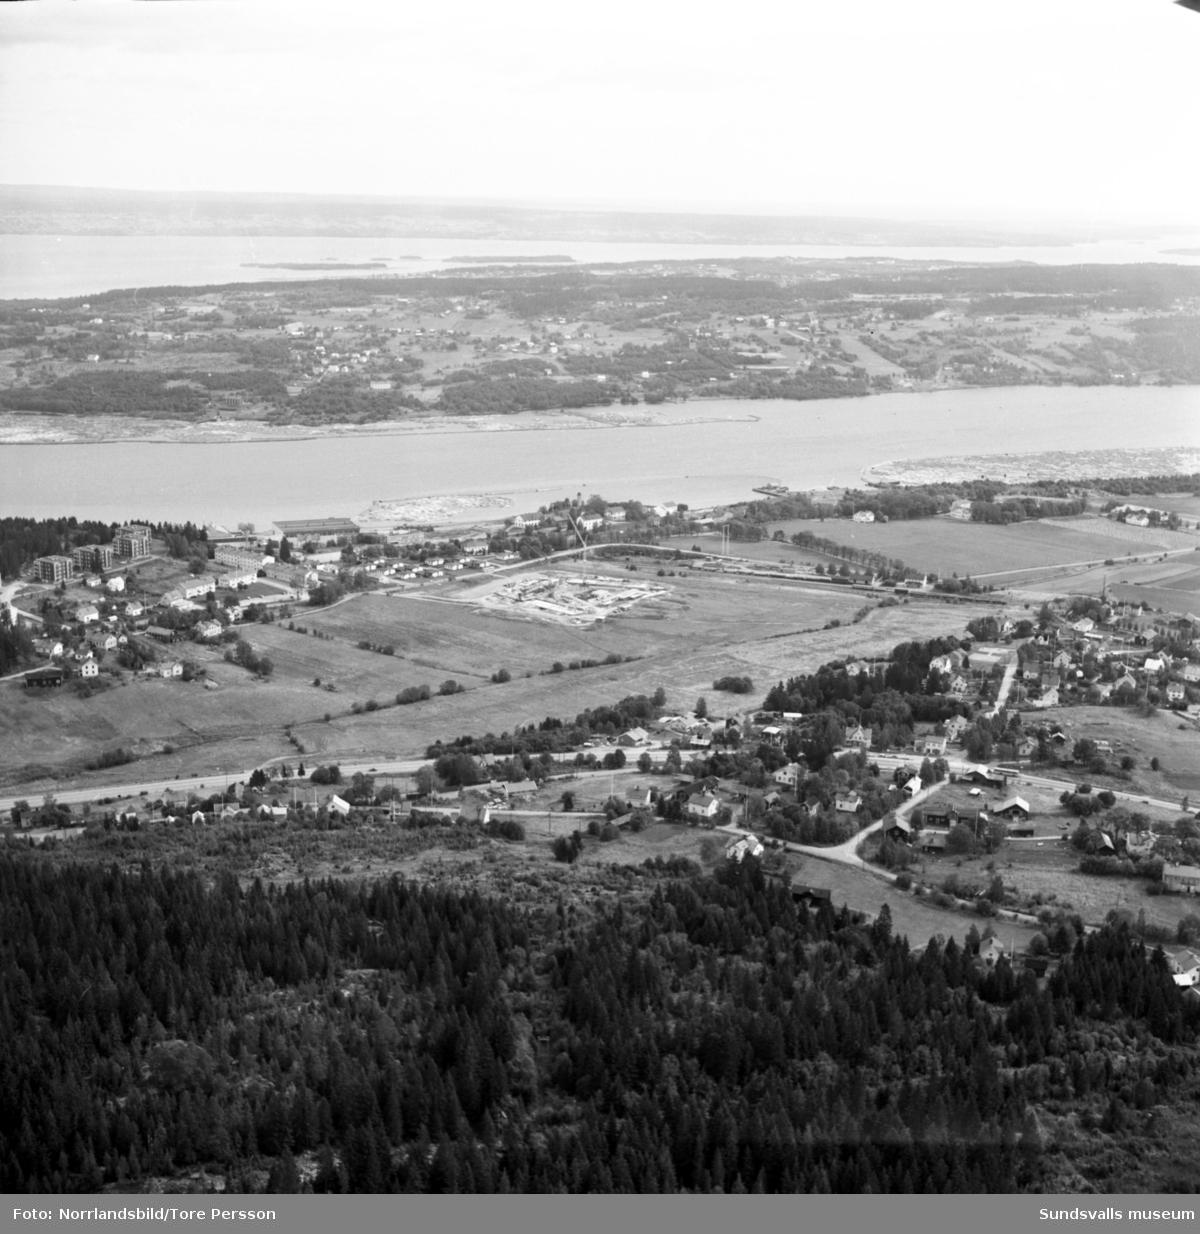 Flygfoton över Finstadalen. I första bildens mitt syns påbörjade markarbeten för nya flerfamiljshus och till höger om det ligger Sundsbruks järnvägsstation